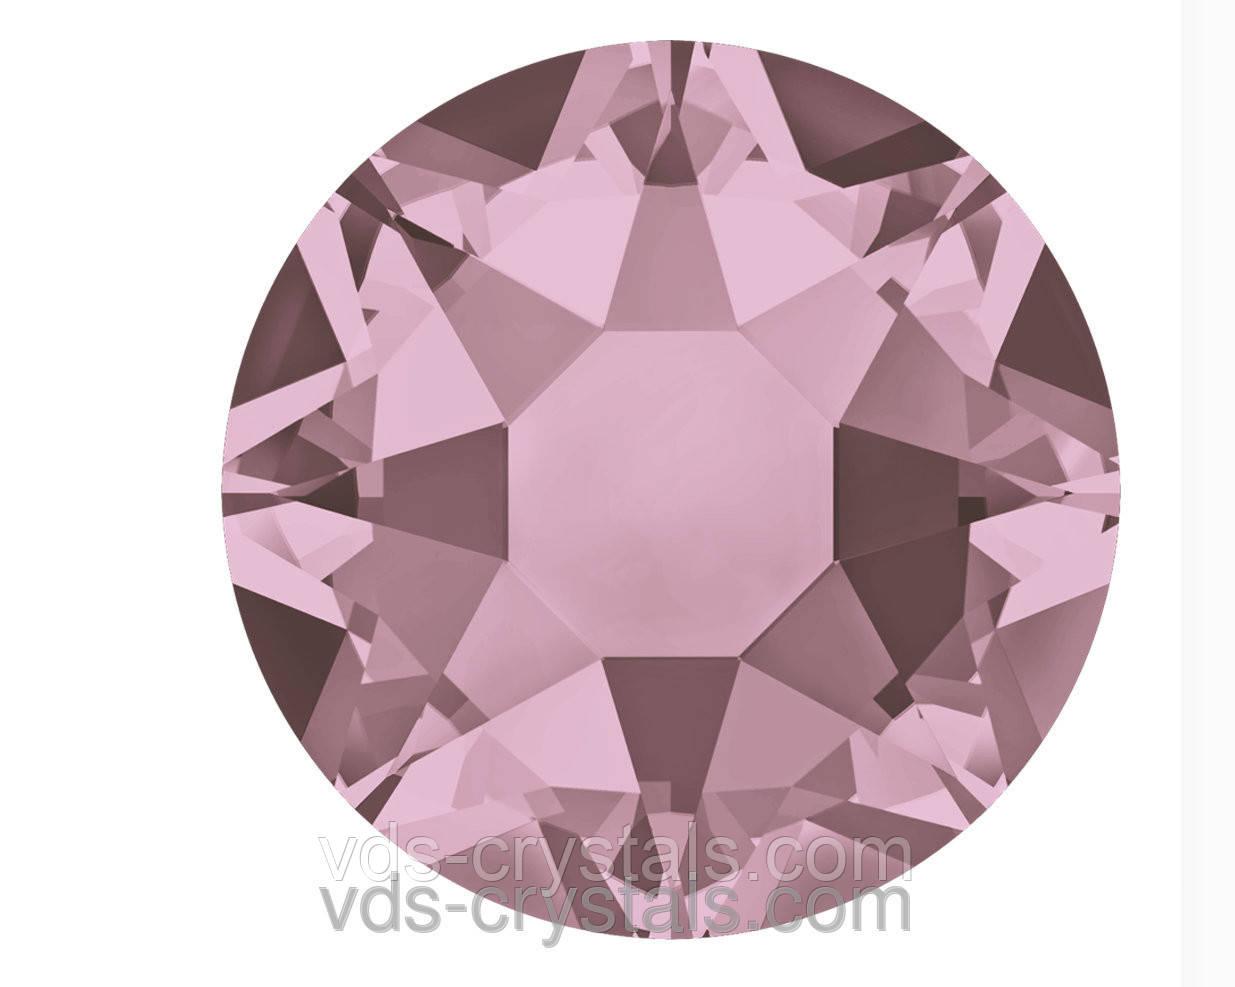 Стразы Swarovski клеевые холодной фиксации 2088 Crystal Antique Pink F 12ss (упаковка 1440 шт)